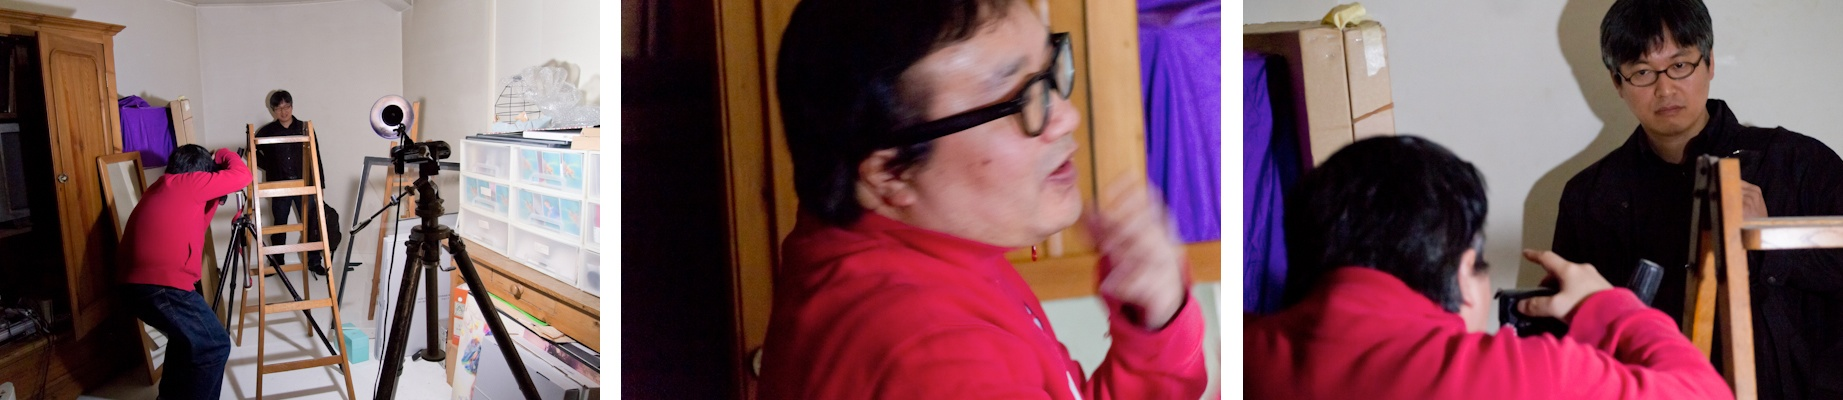 <b>渋谷にある所氏の自宅兼事務所スタジオにて。アドビ システムズの近藤祐爾さんが今日のモデル。近藤さんは「1second」のパソコン上での表現手法を所氏にアドバイスをしながら一緒に探り出した人だ。新しくスタートさせたポートレートシリーズで、第二期の1secondシリーズで所氏がお世話になった人、関係者の人たちのポートレートをその手法で撮っていくというもの。</b>